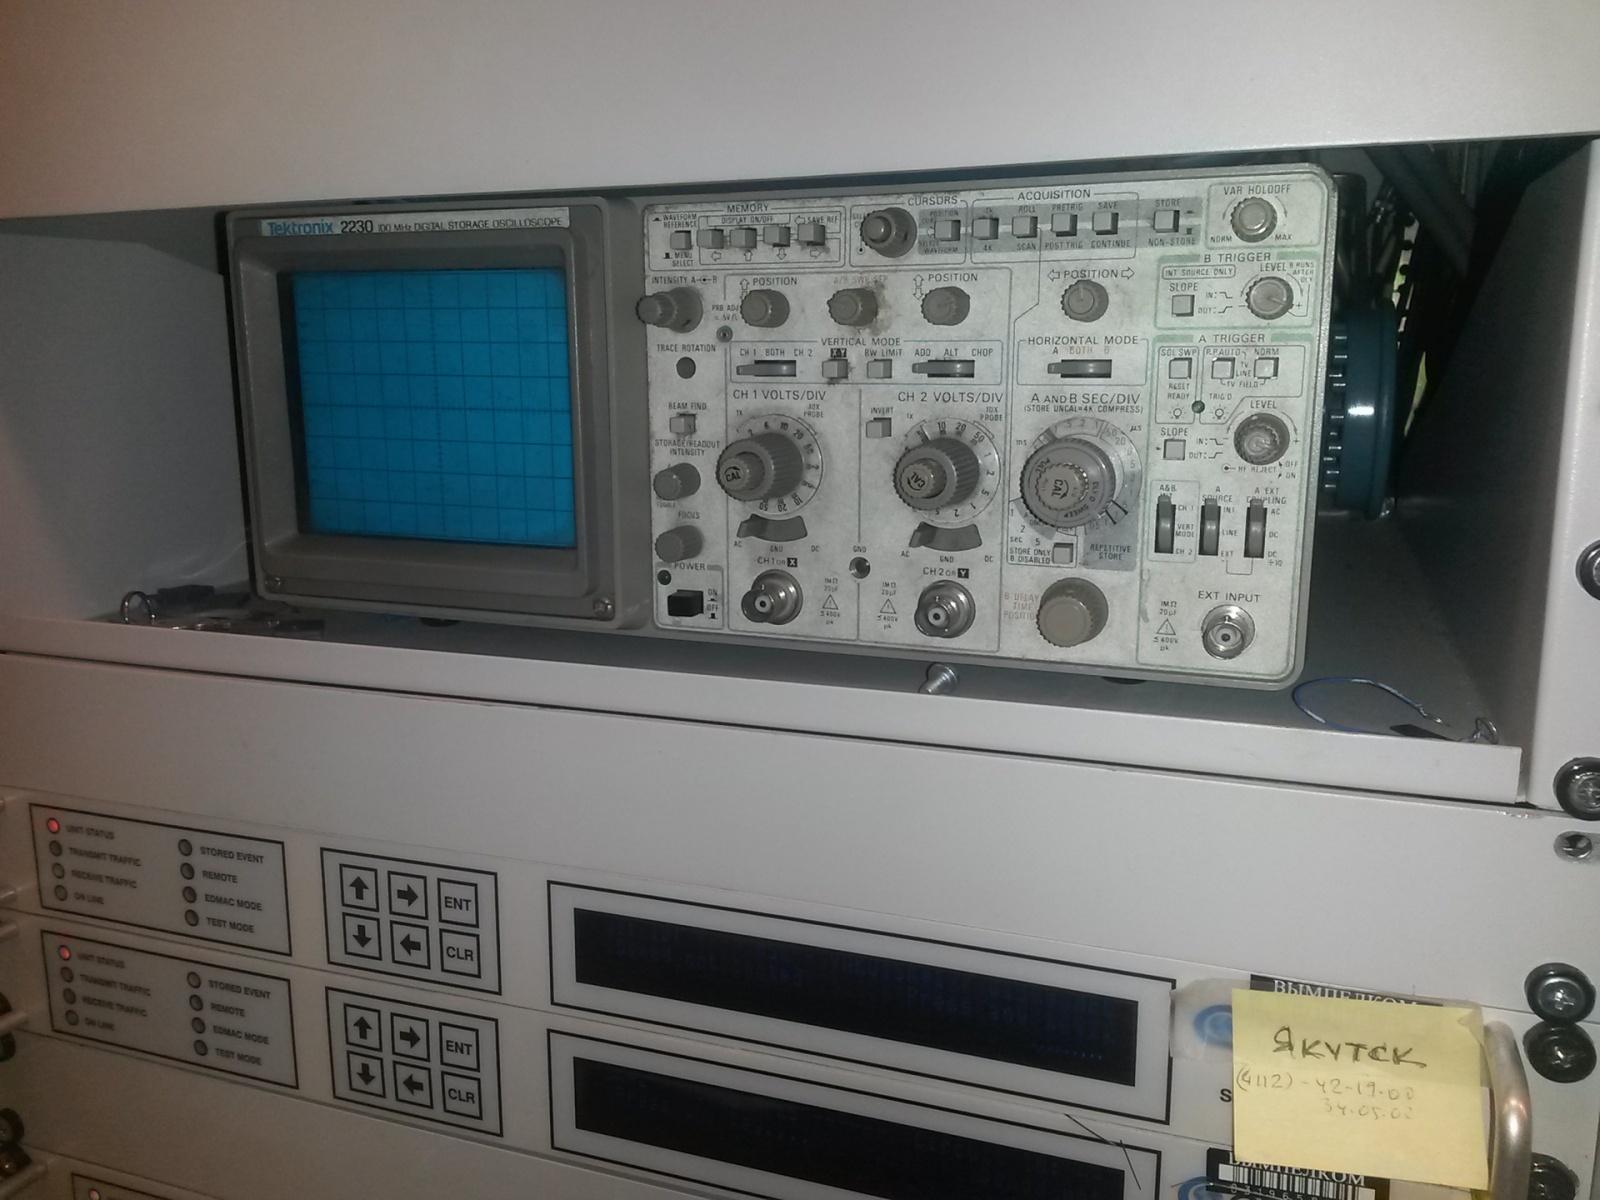 Аппаратный зал (про инфраструктуру спутниковой сети и осциллограф) - 33